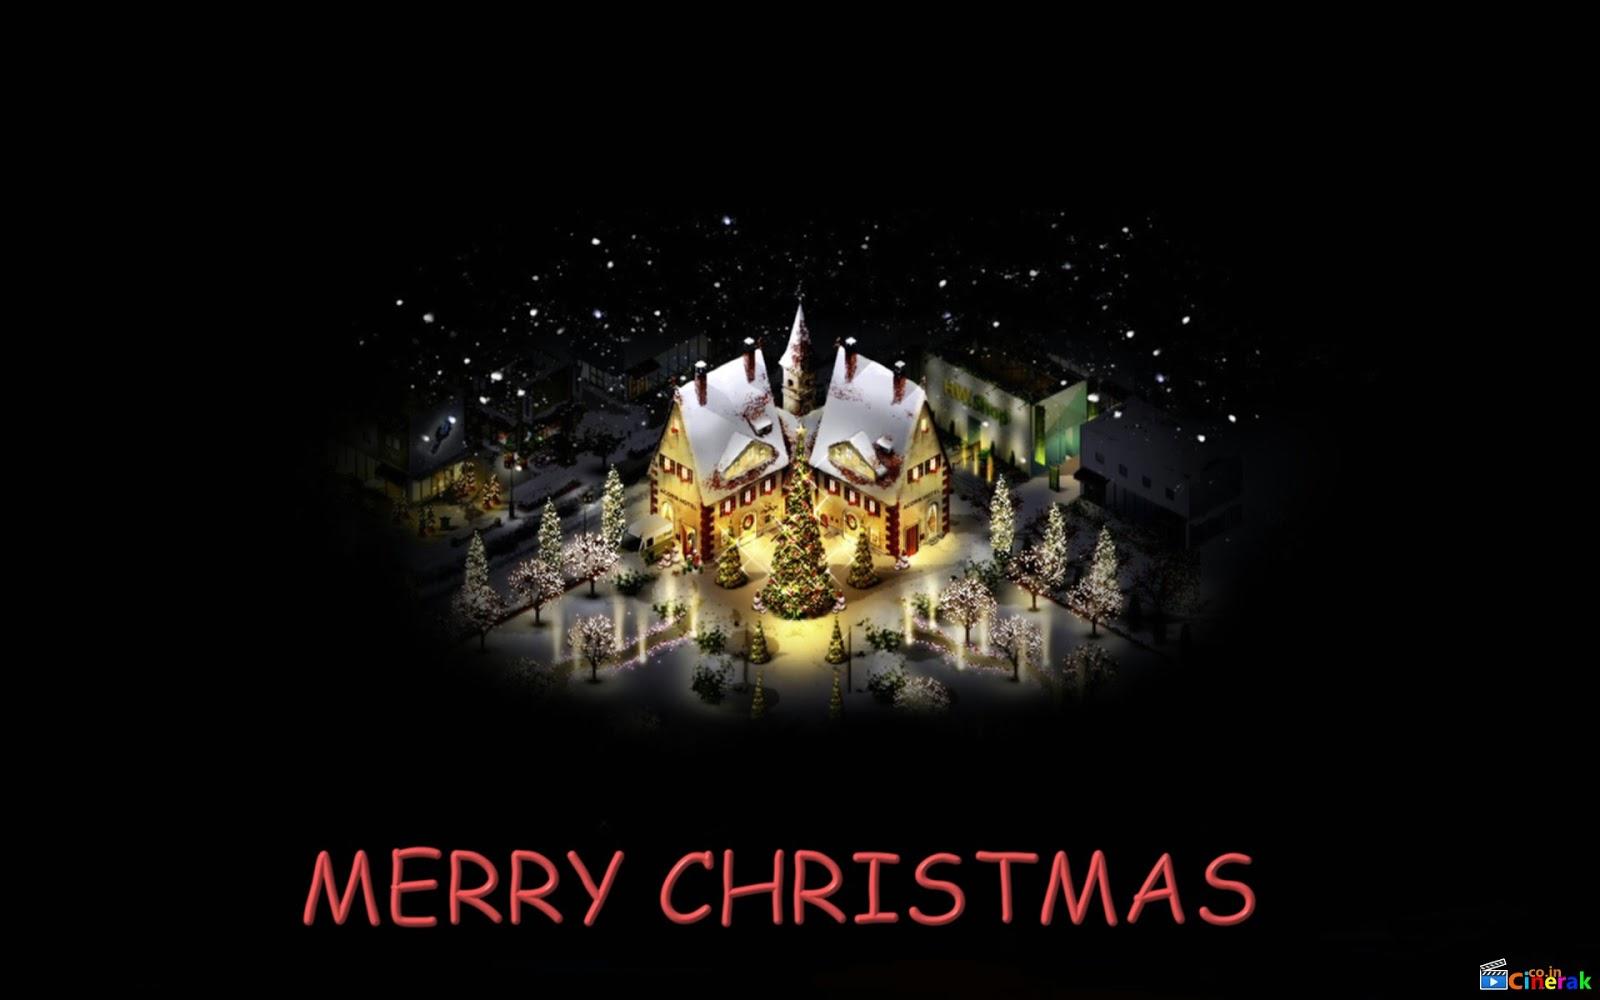 http://3.bp.blogspot.com/-Ja0oURxHhow/UNHKlDh4lHI/AAAAAAAAhyc/UZnPKpSqIu8/s1600/Merry-Christmas-Hd-Desktop-2012-Wallpapers+(16).jpg